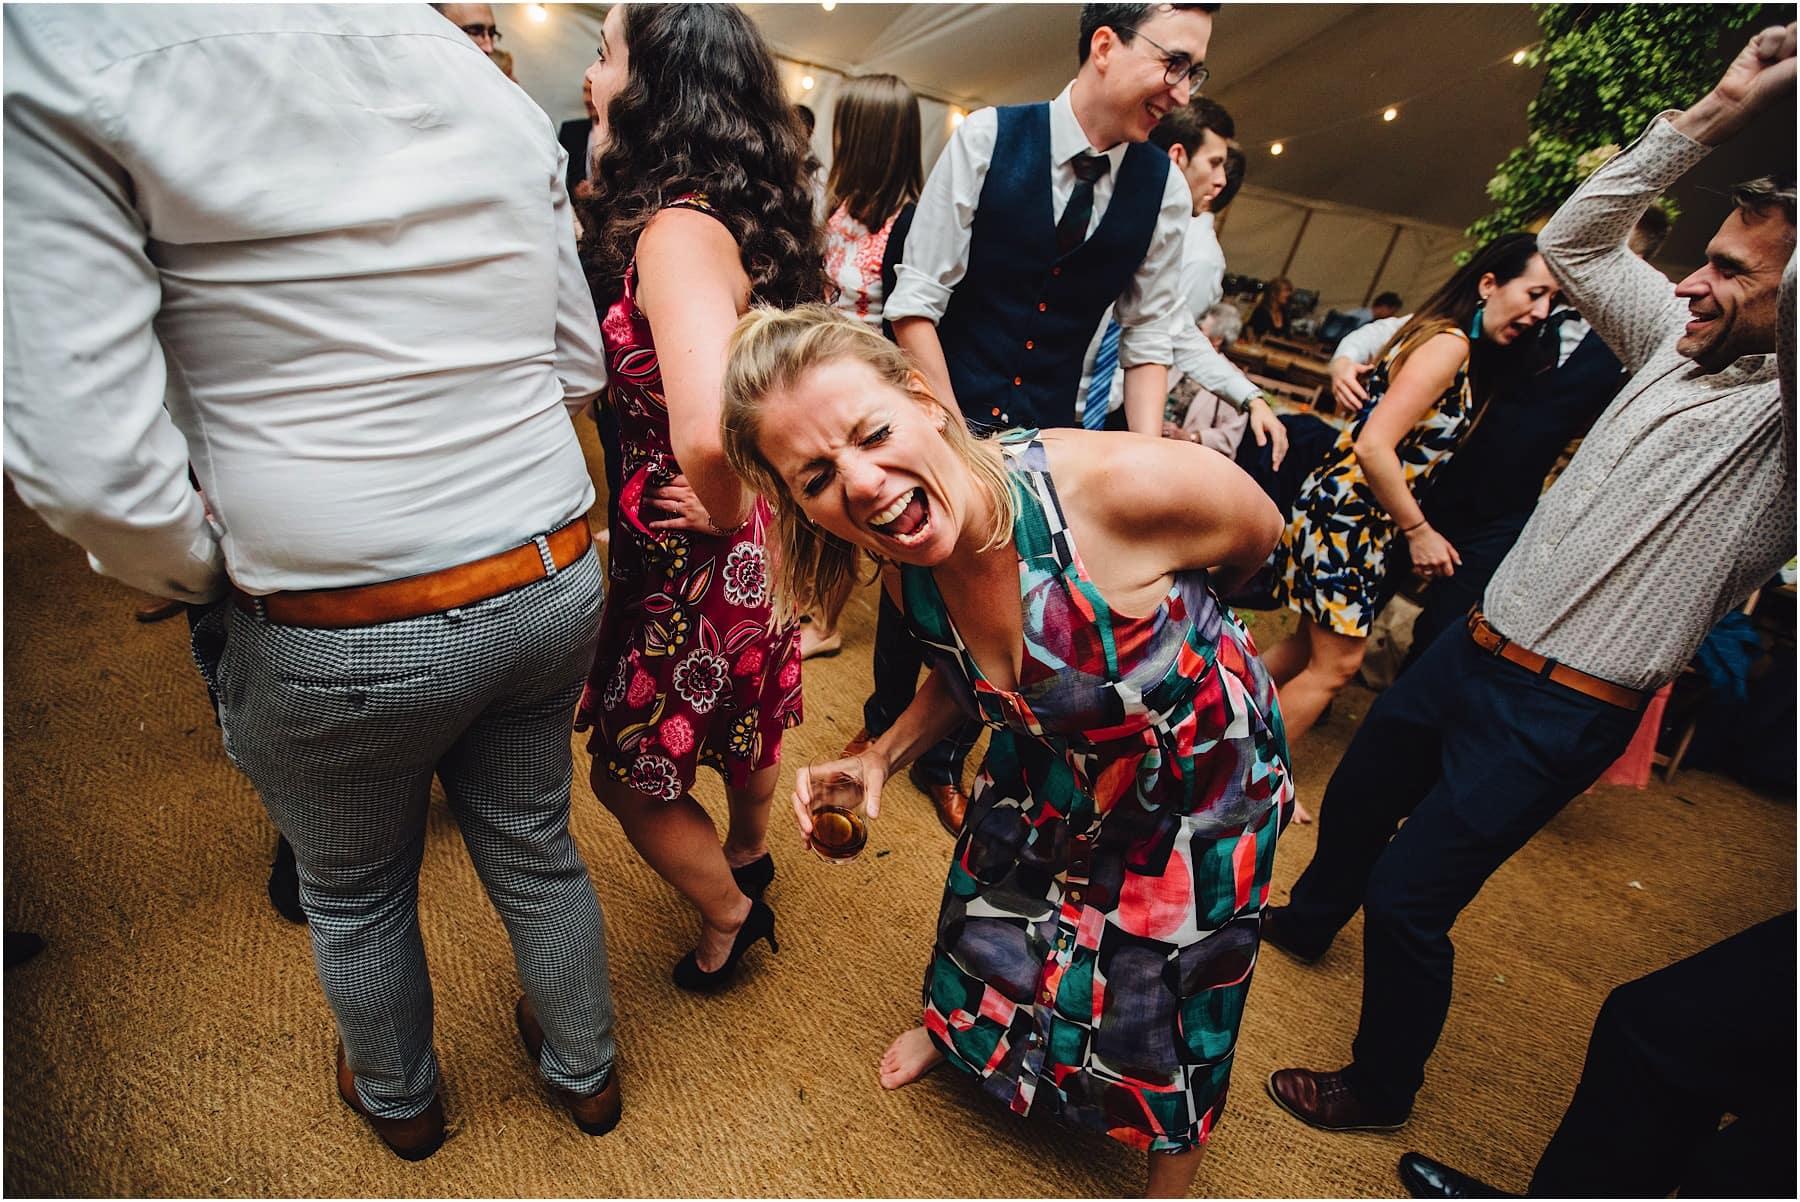 wedding guest bent over on the dance floor